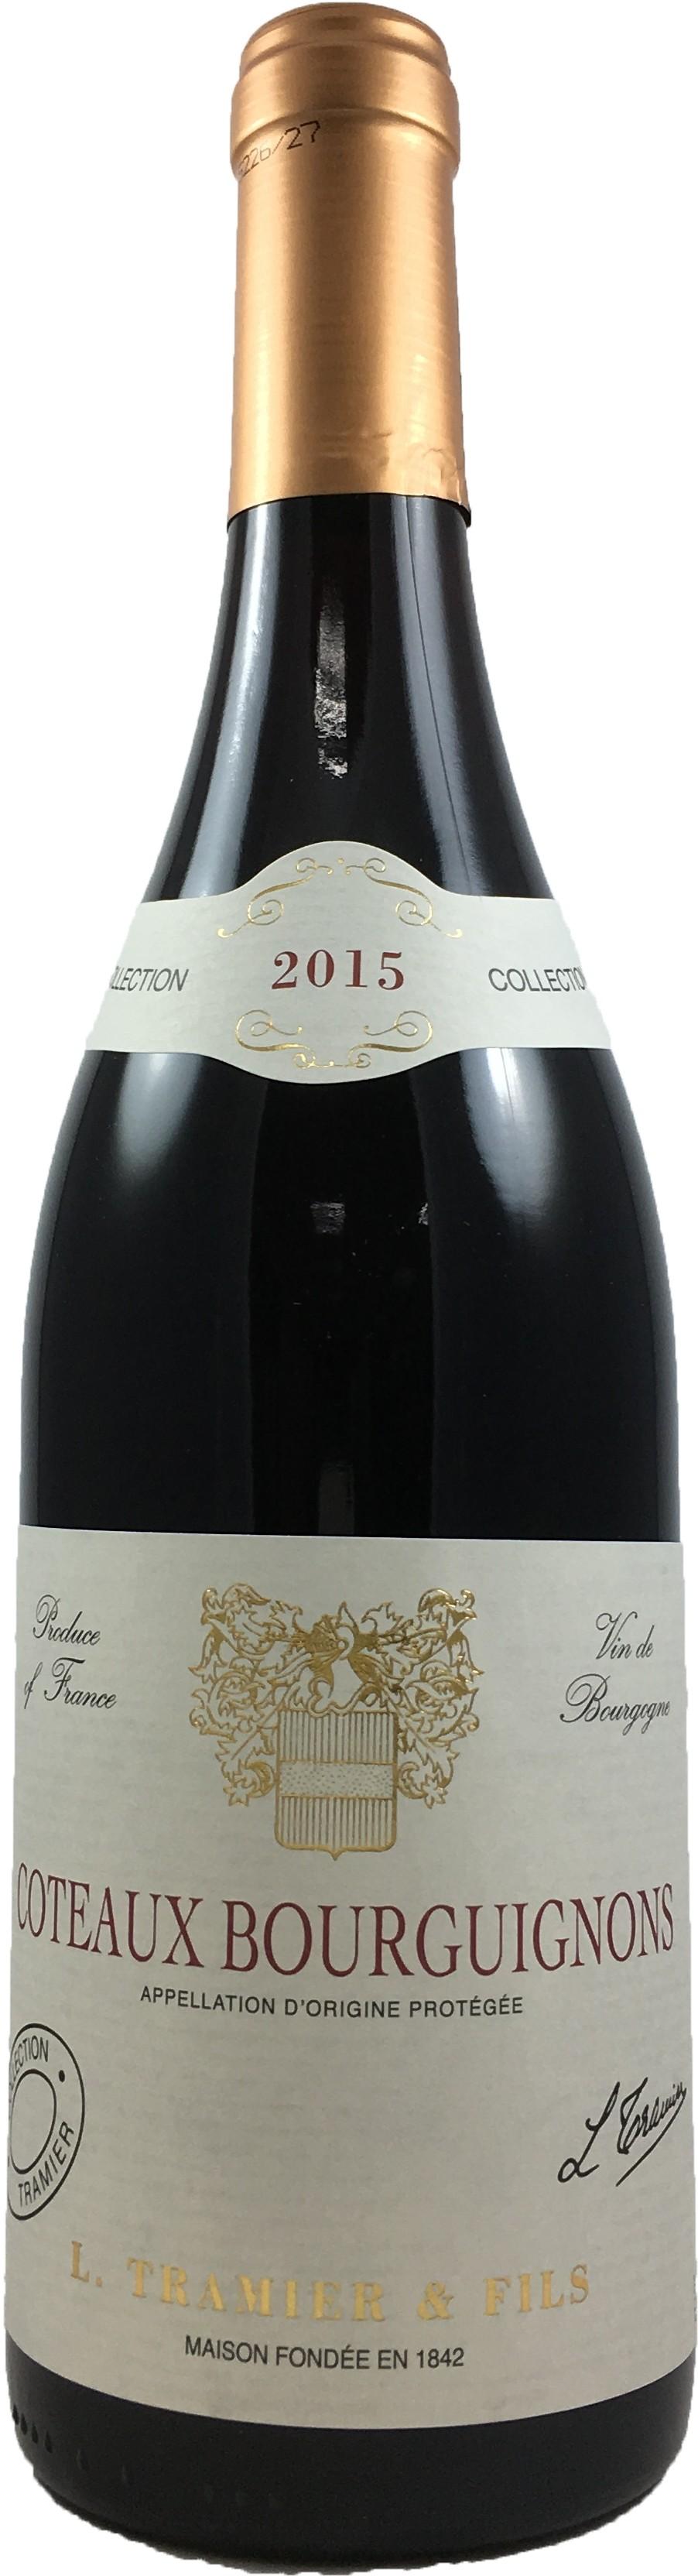 法國 勃艮地 鉈尼酒莊 勃艮地丘 AOP 2016 紅葡萄酒